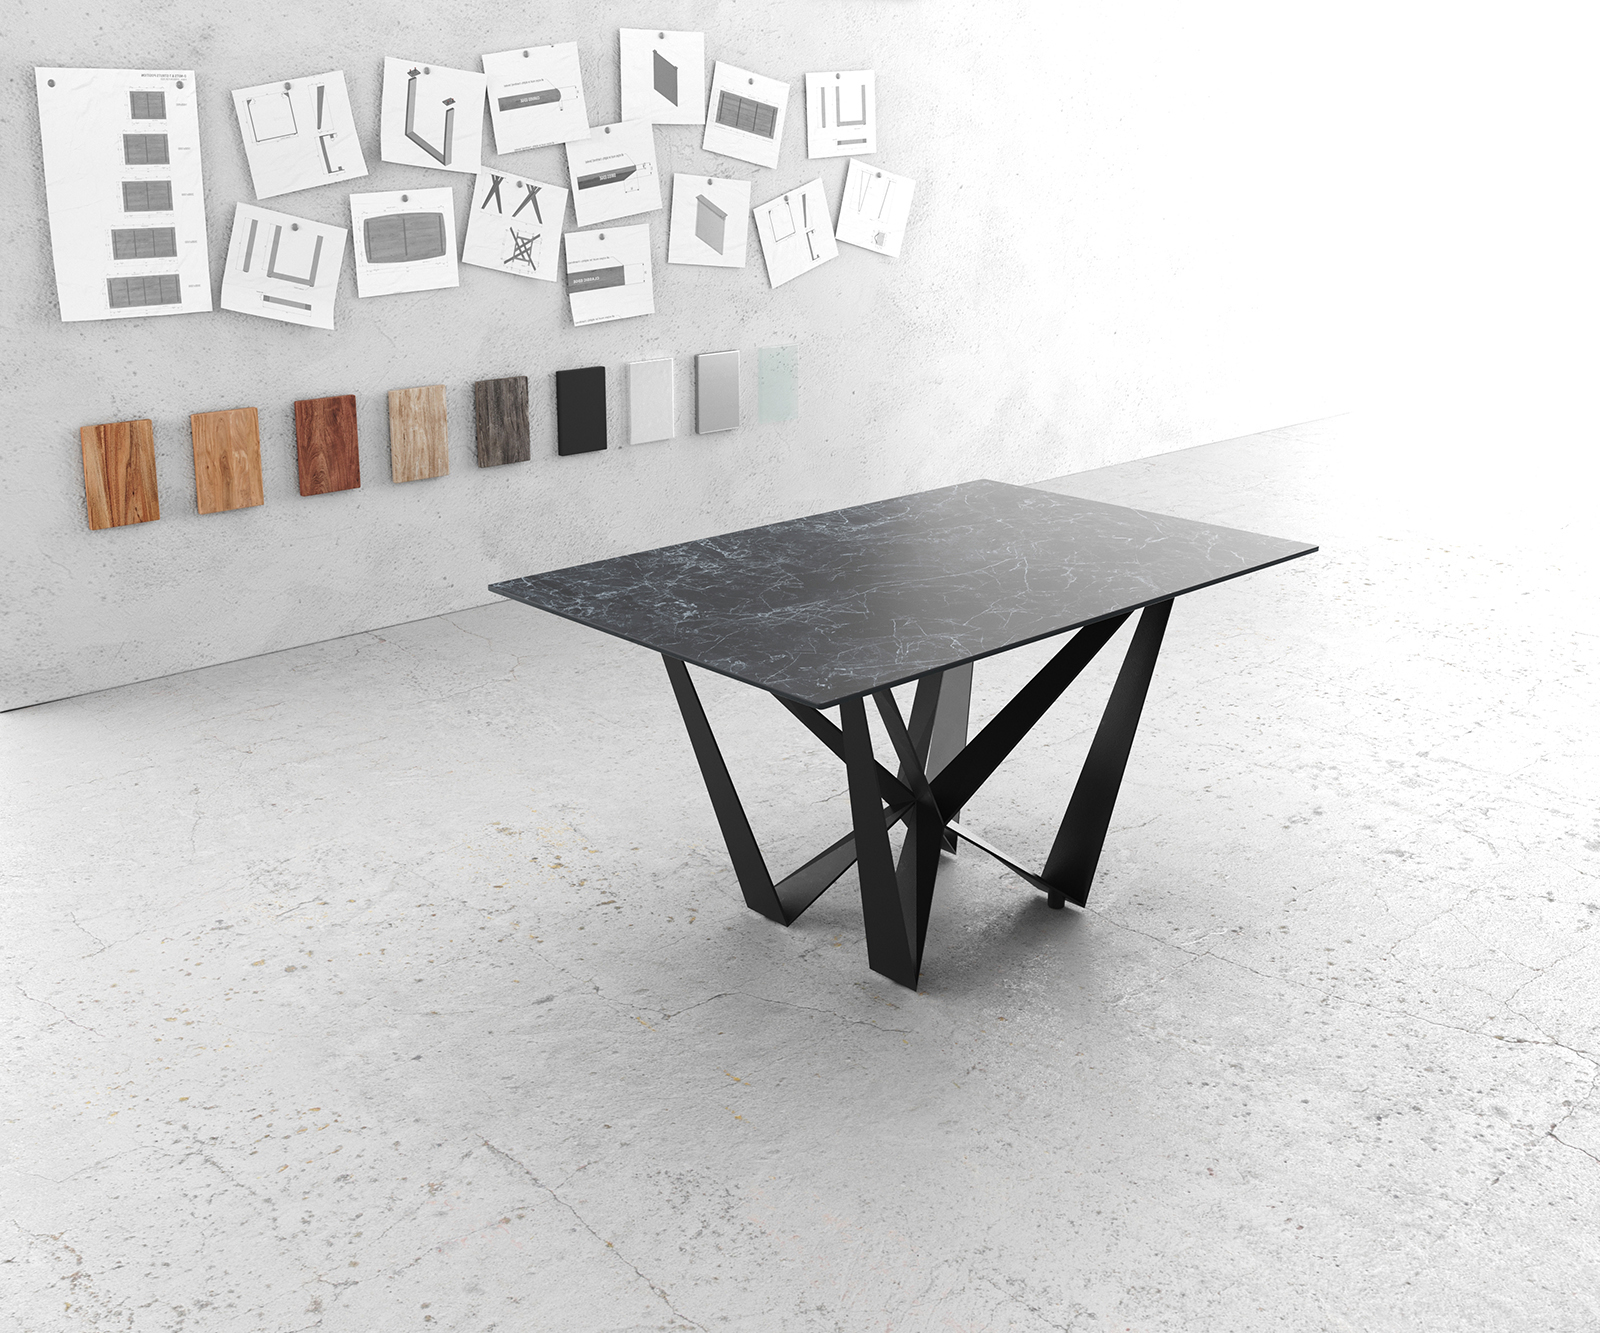 Esstisch Edge 140x90cm Laminam® Keramik Grau Mittelfuß Flachstahl Schwarz